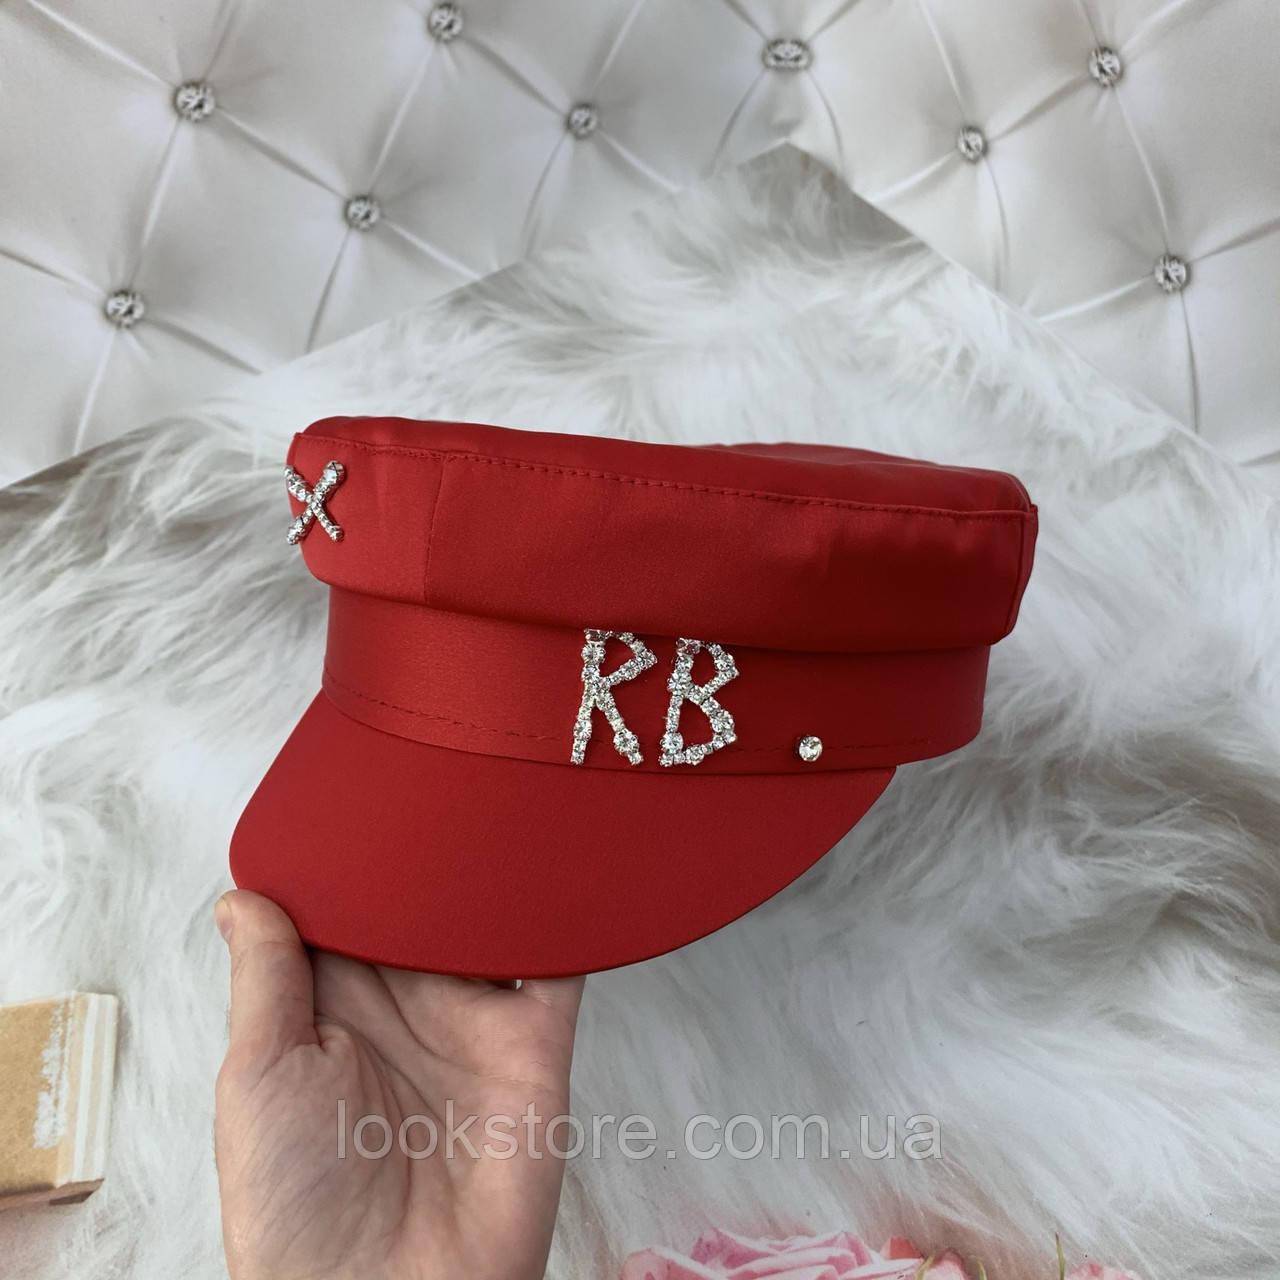 Жіночий картуз, кепі, кашкет RB атласний з камінням червоний